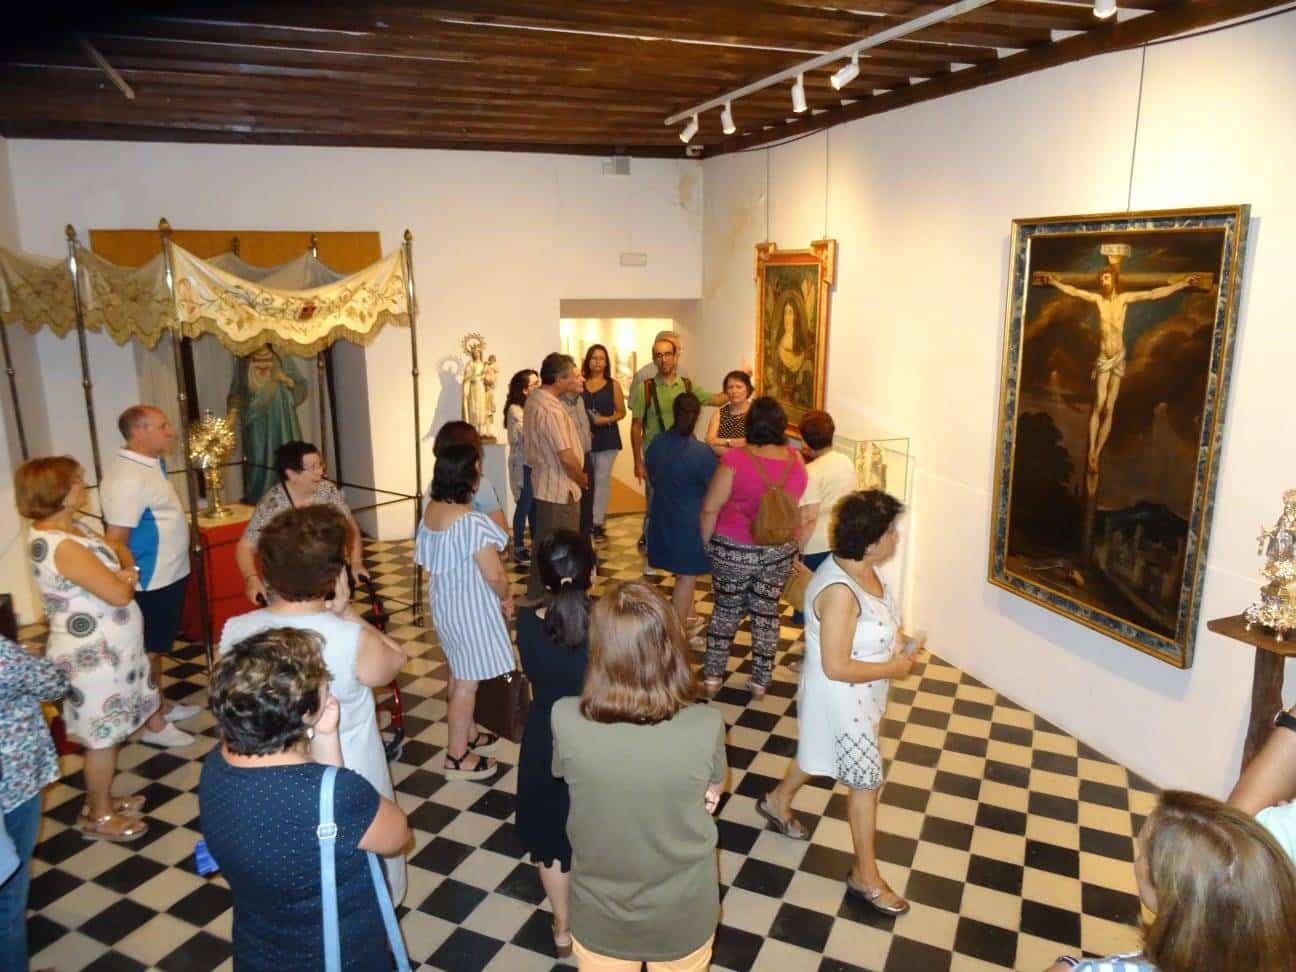 exposicion la merced en nuestros hogares2 - Exposición La Merced en nuestros hogares